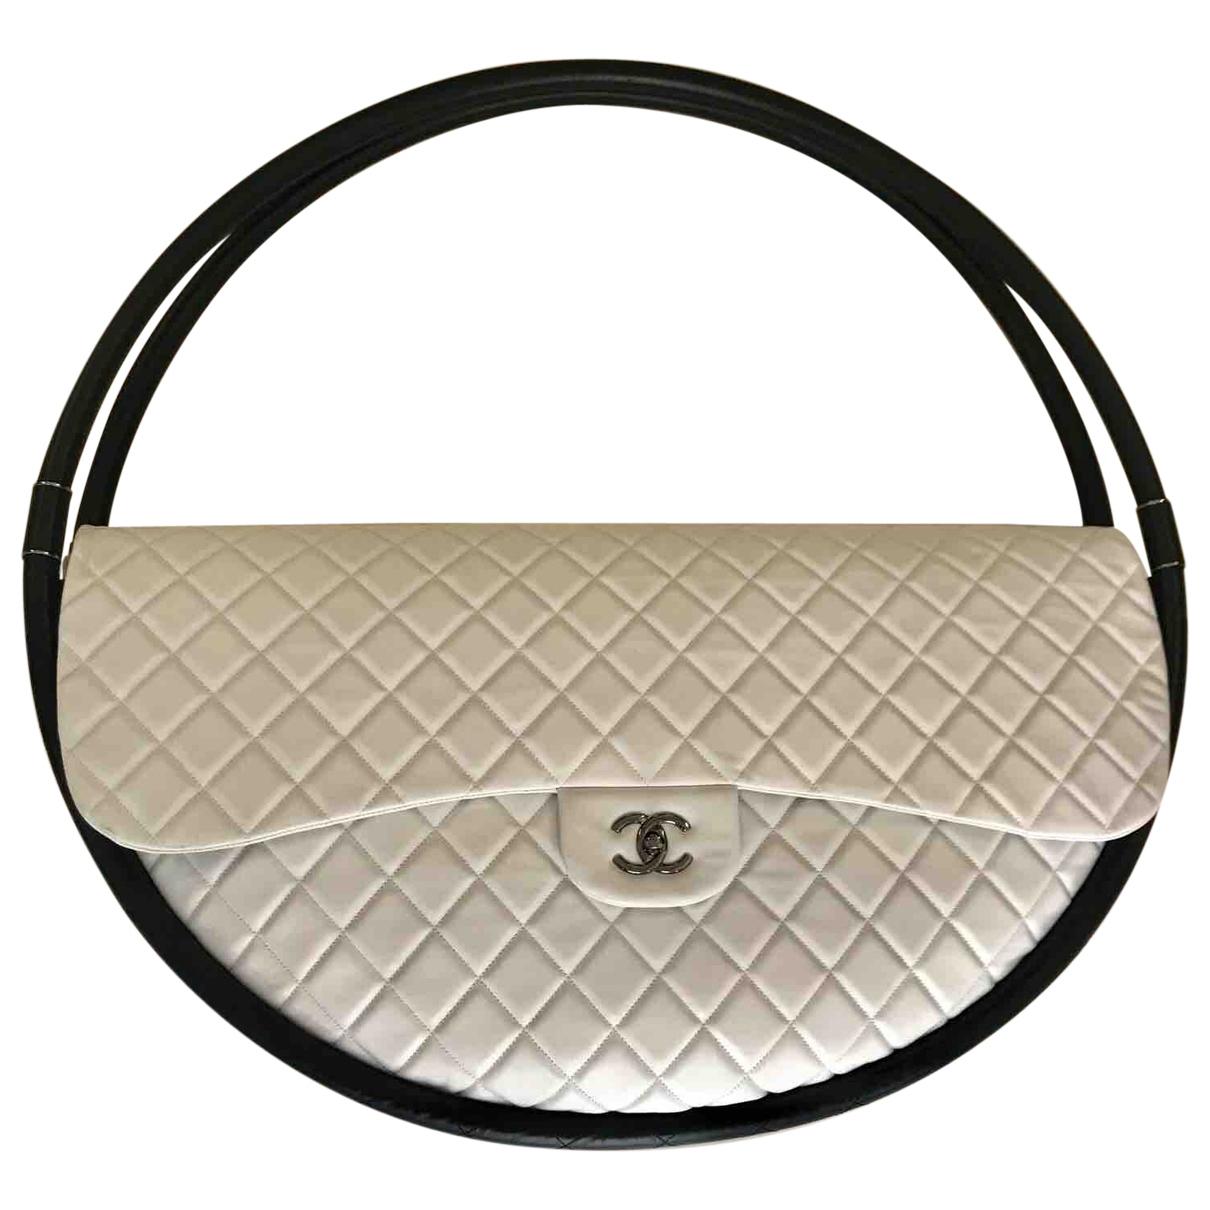 Chanel - Sac a main Hula Hoop pour femme en cuir - blanc